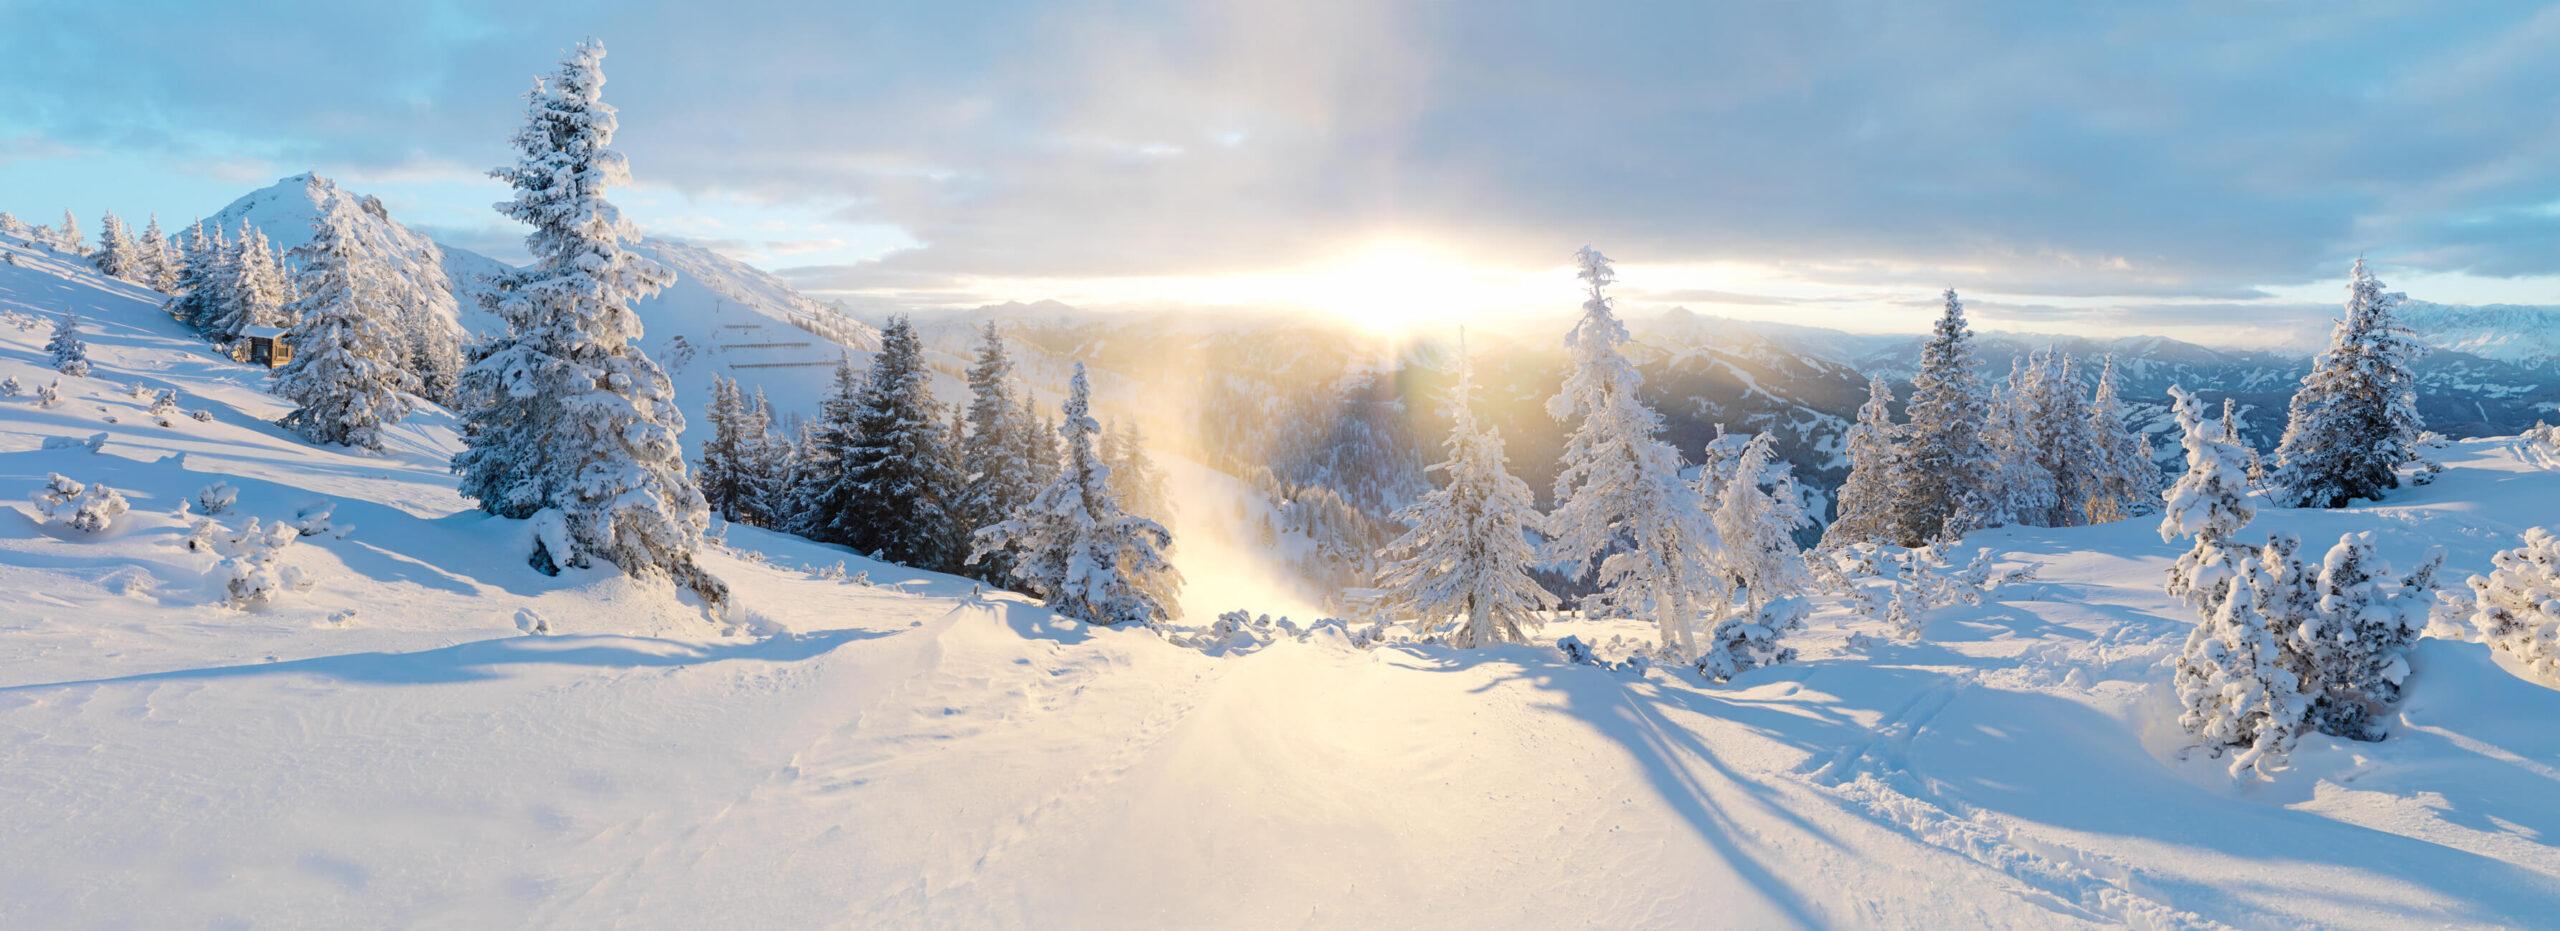 Winterlandschaft in der Salzburger Sportwelt